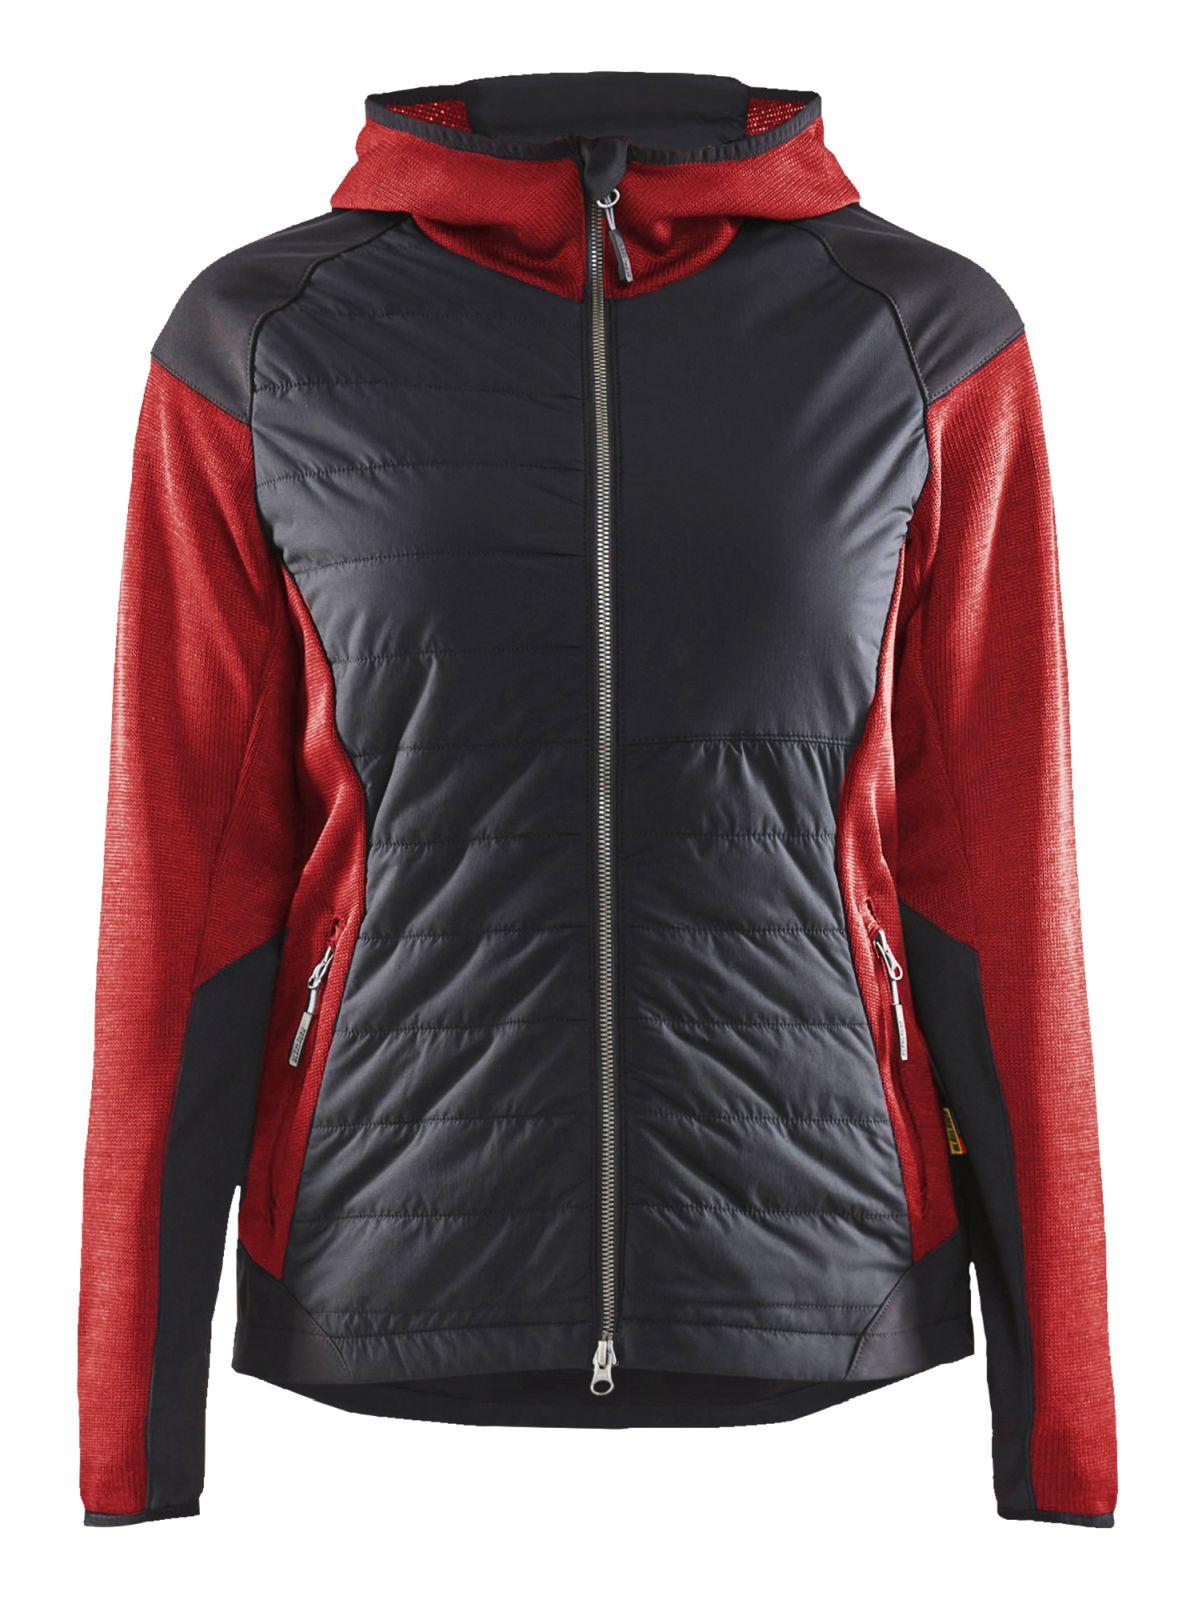 Blaklader Jassen 59312117 rood-zwart(5699)